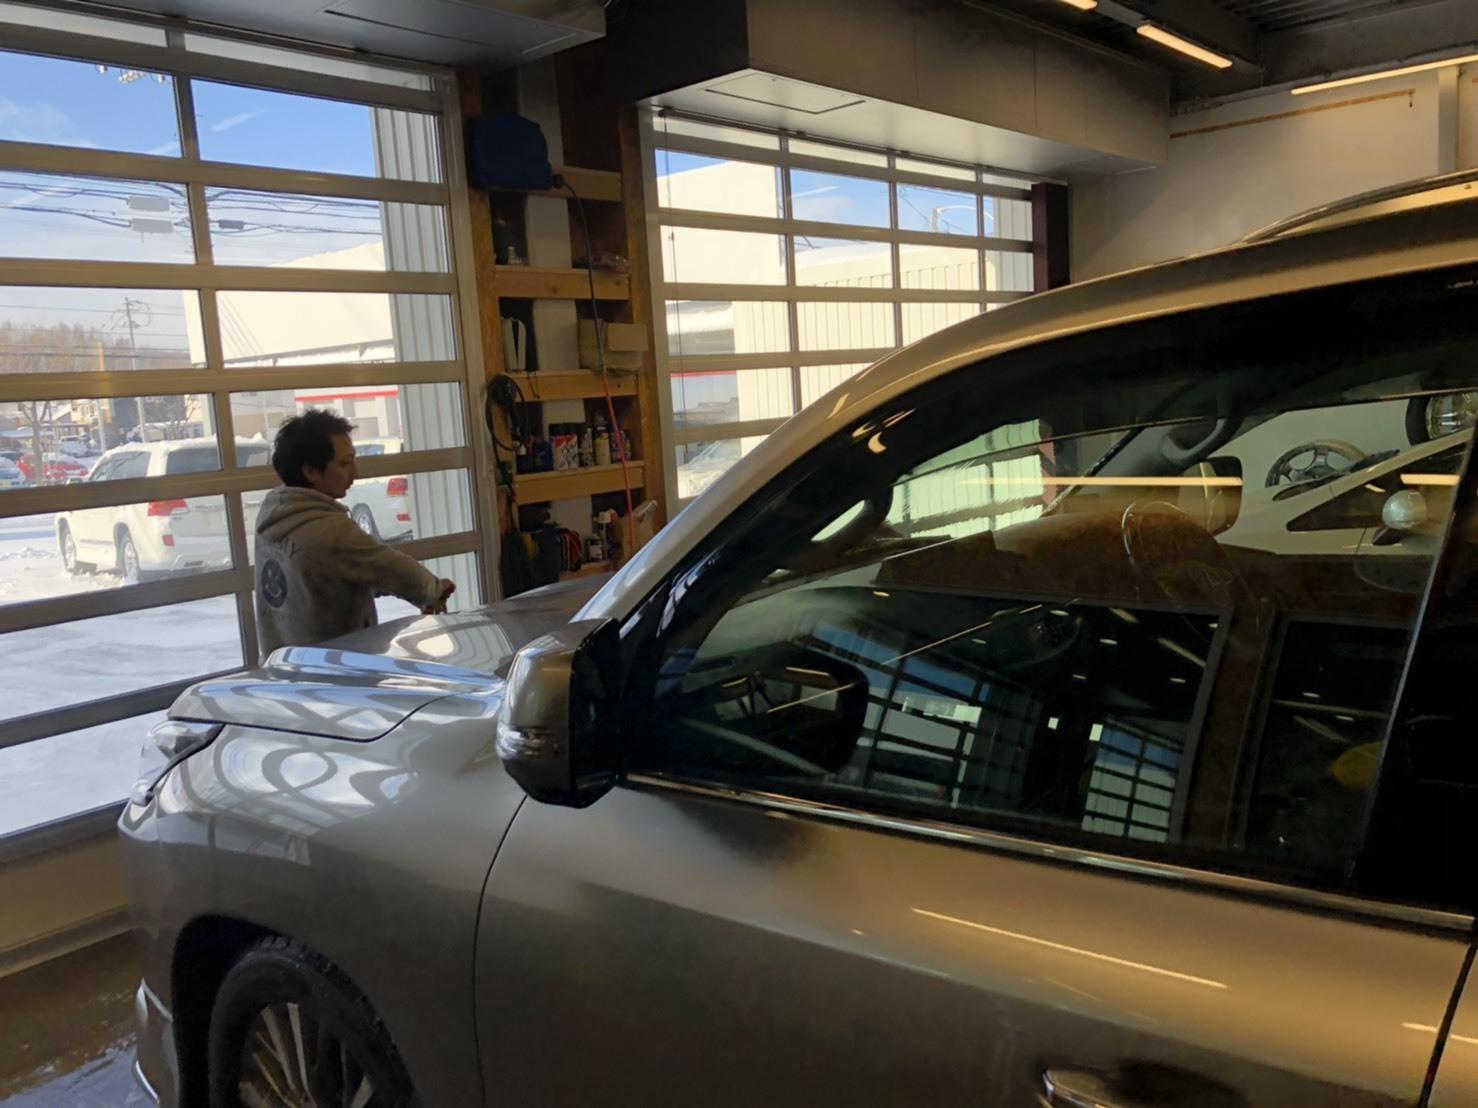 1月25日(日)O様新車タント納車☆エスカレード ゼロデザインあります✊レクサス ランクル ハマー TOMMY_b0127002_18420170.jpg